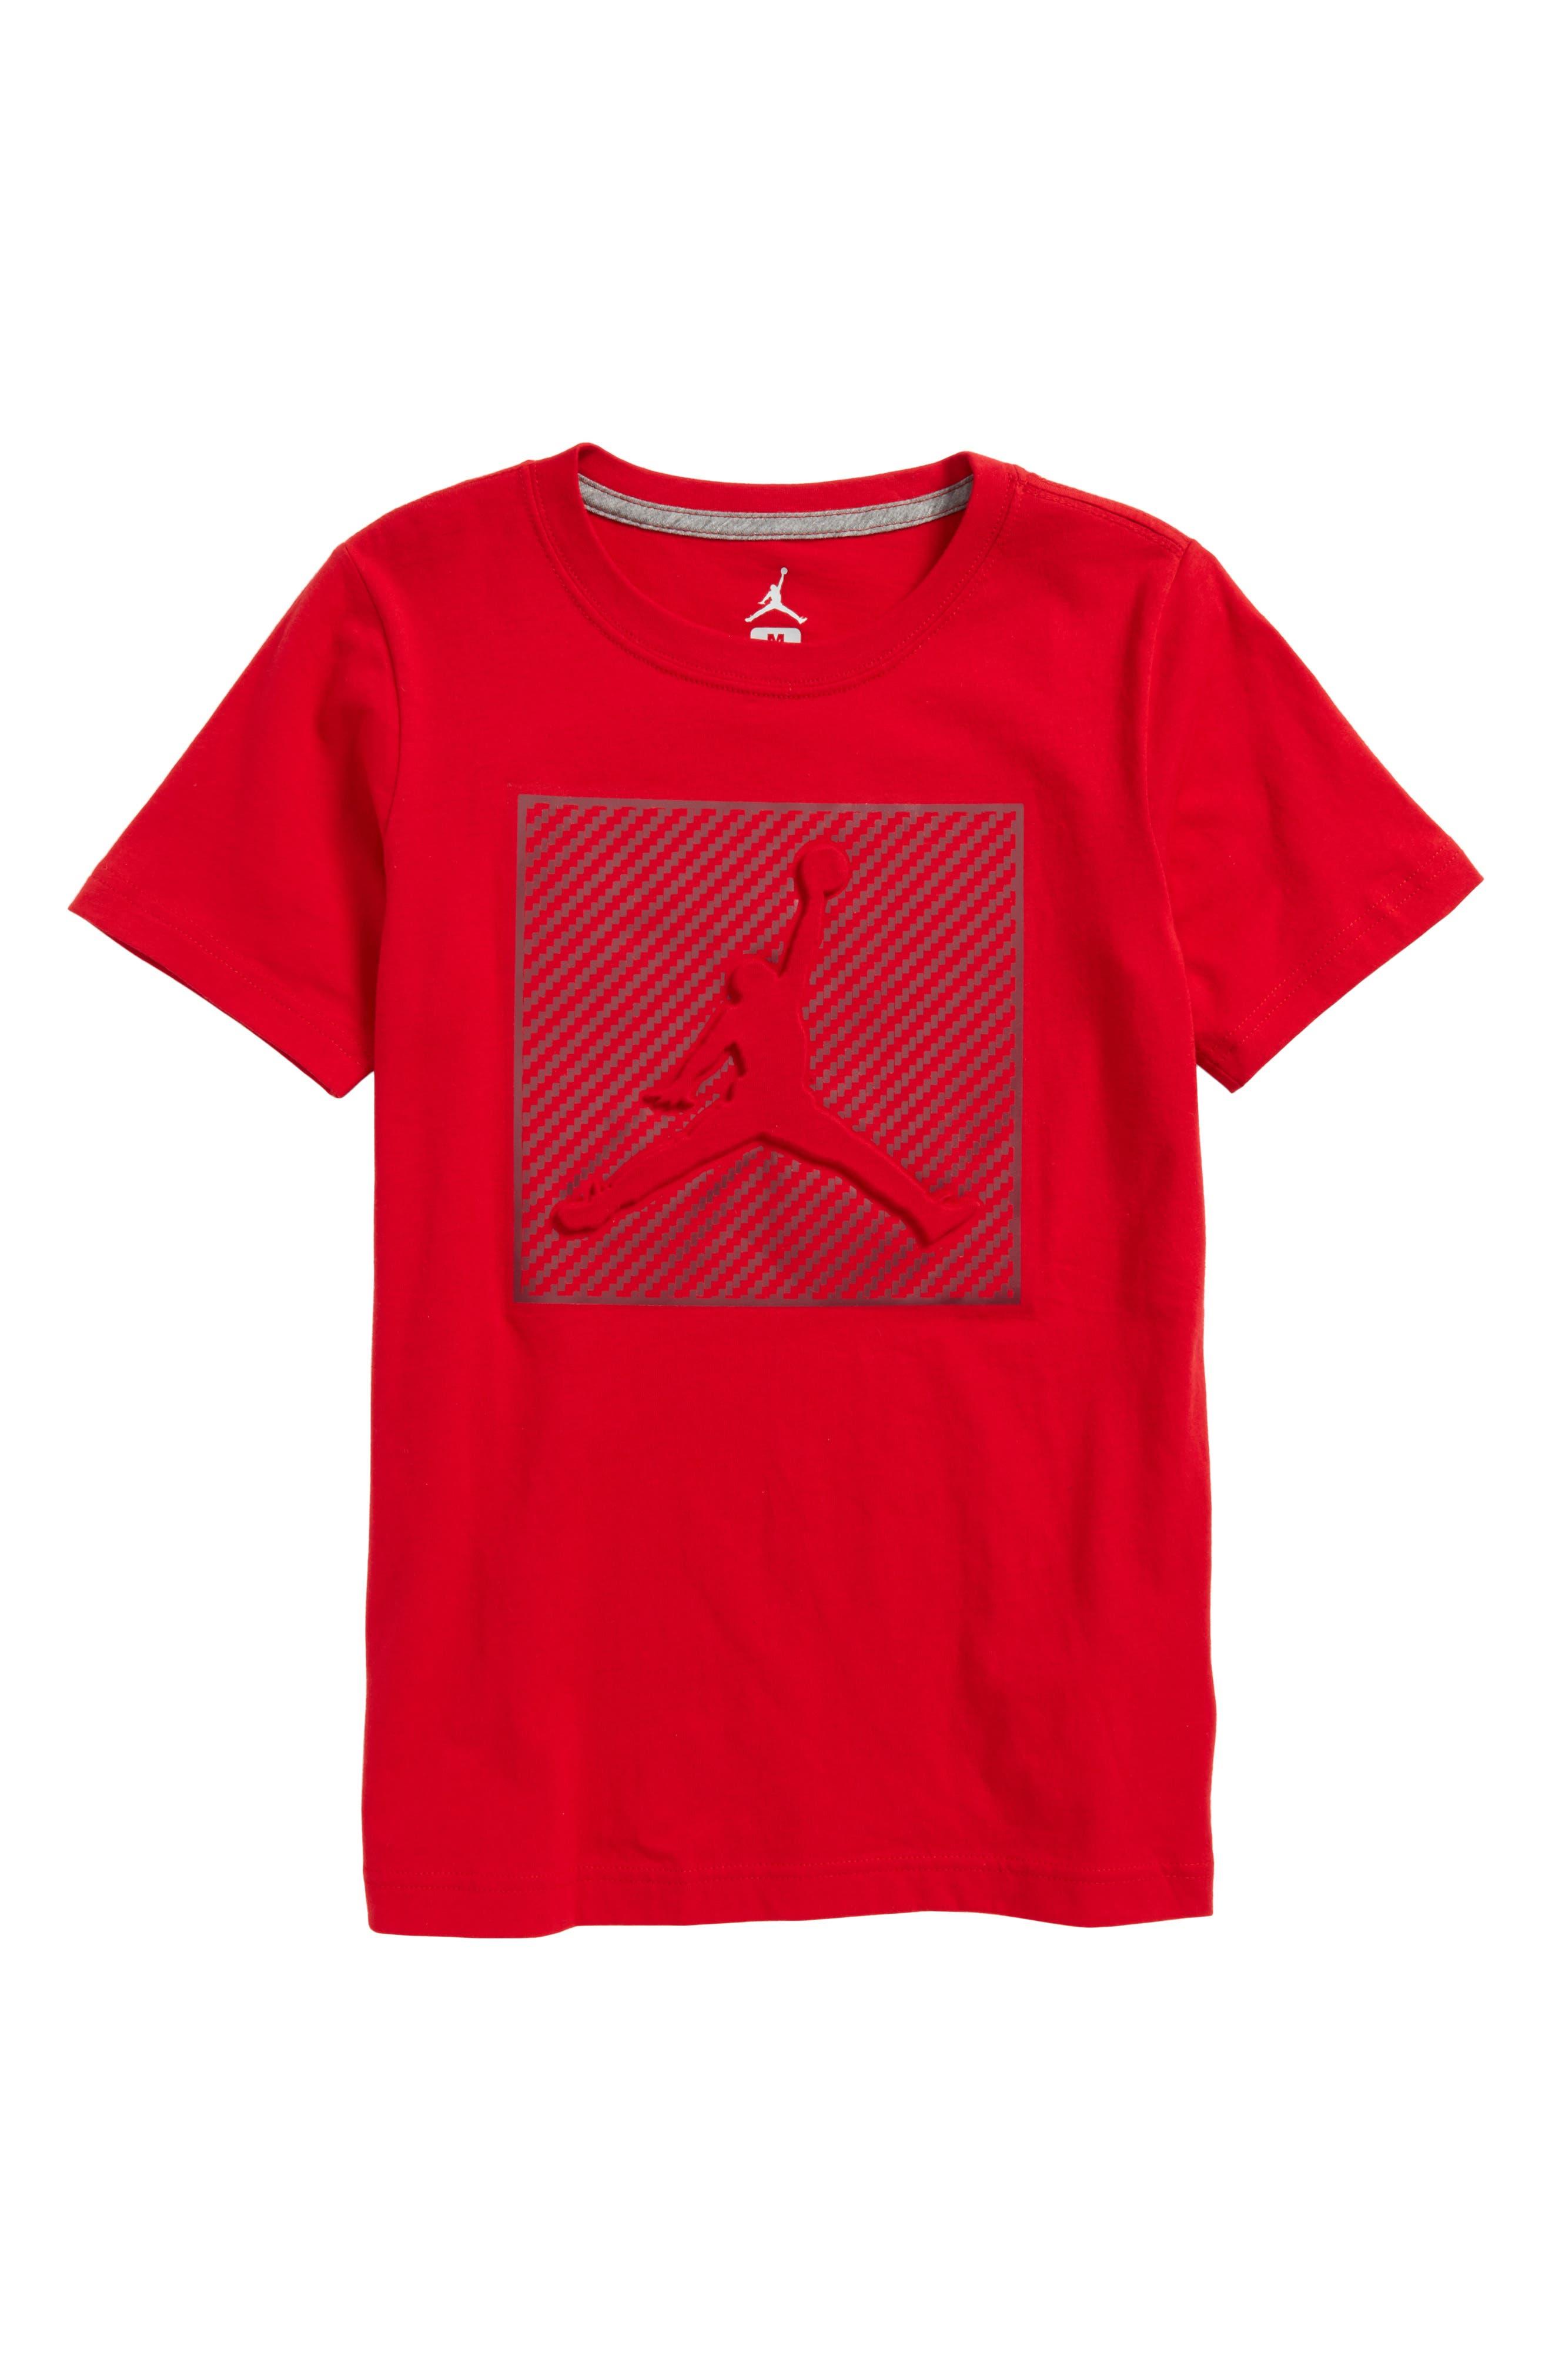 Jordan AJ Emboss Carbon T-Shirt,                         Main,                         color, Gym Red